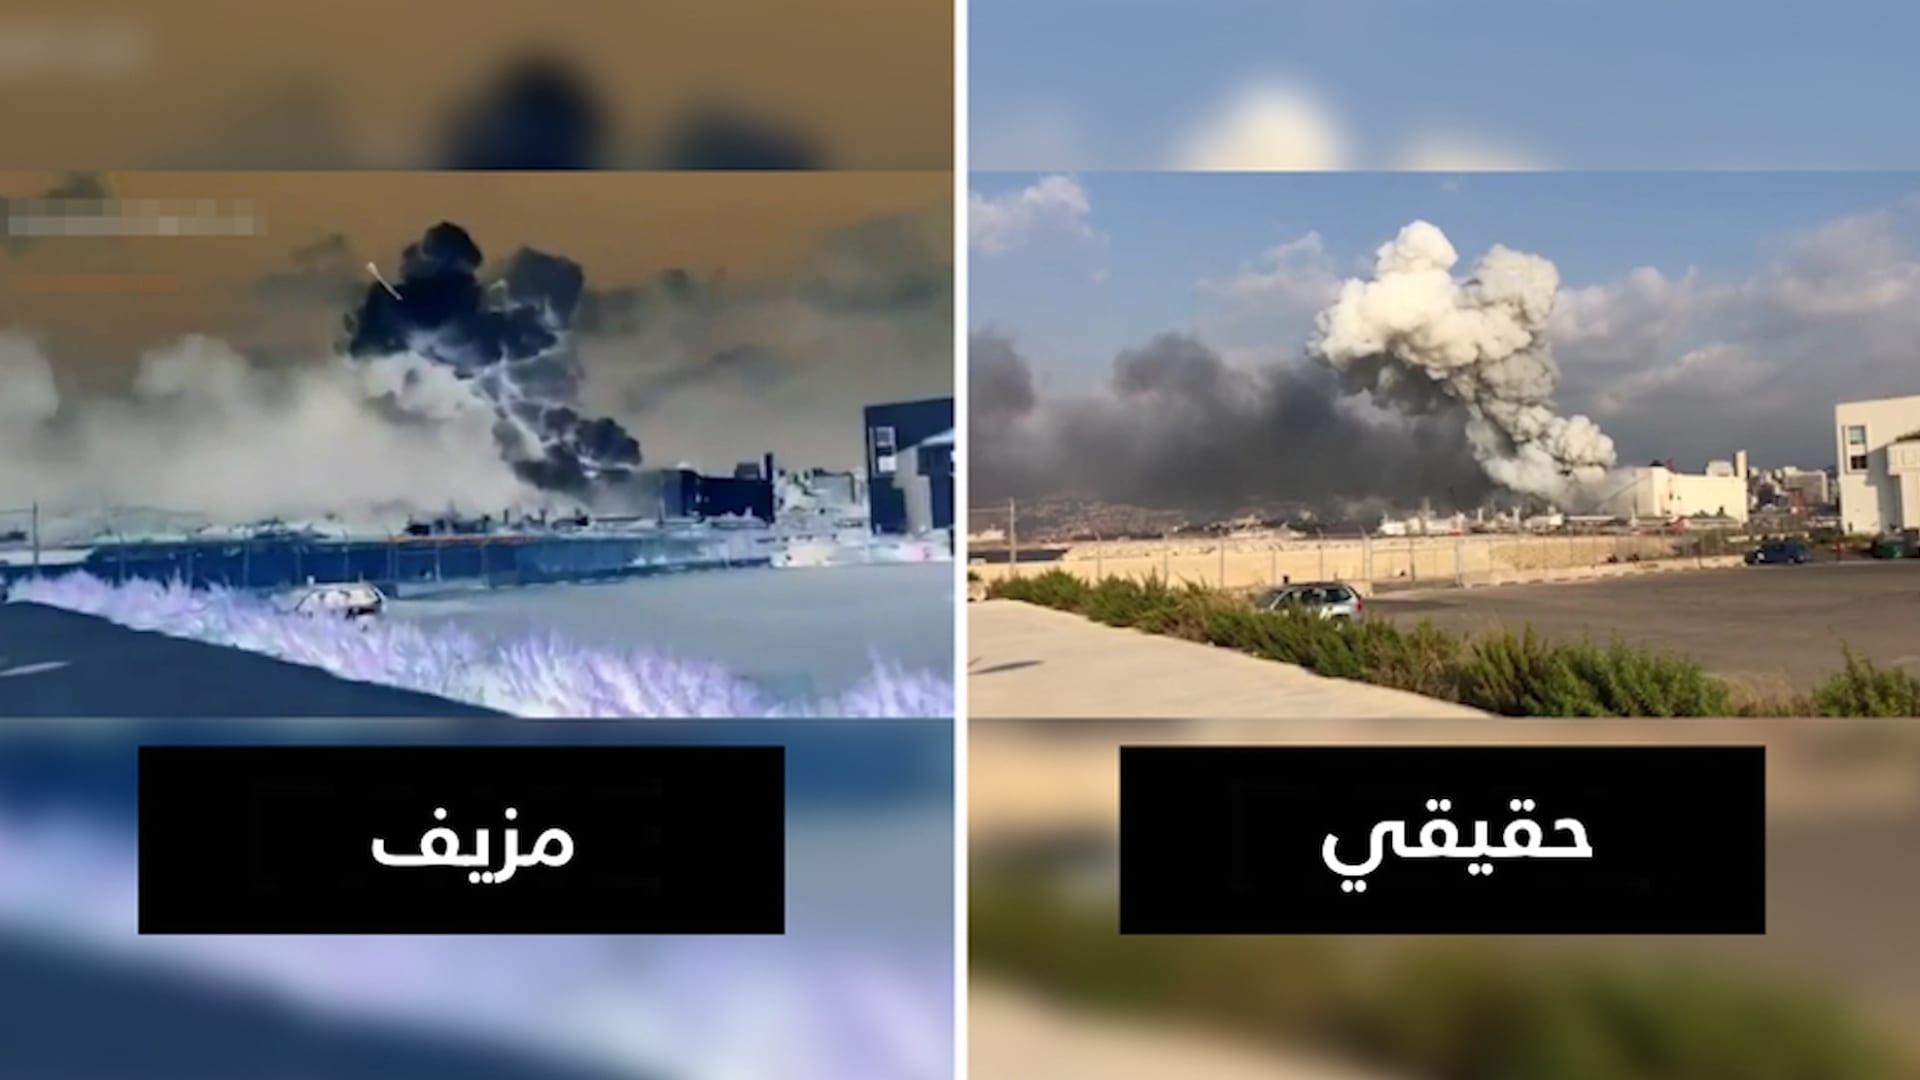 لقطة من الفيديو الأصلي للحظة انفجار مرفأ بيروت مقابل لقطة أخرى من فيديو مزيف